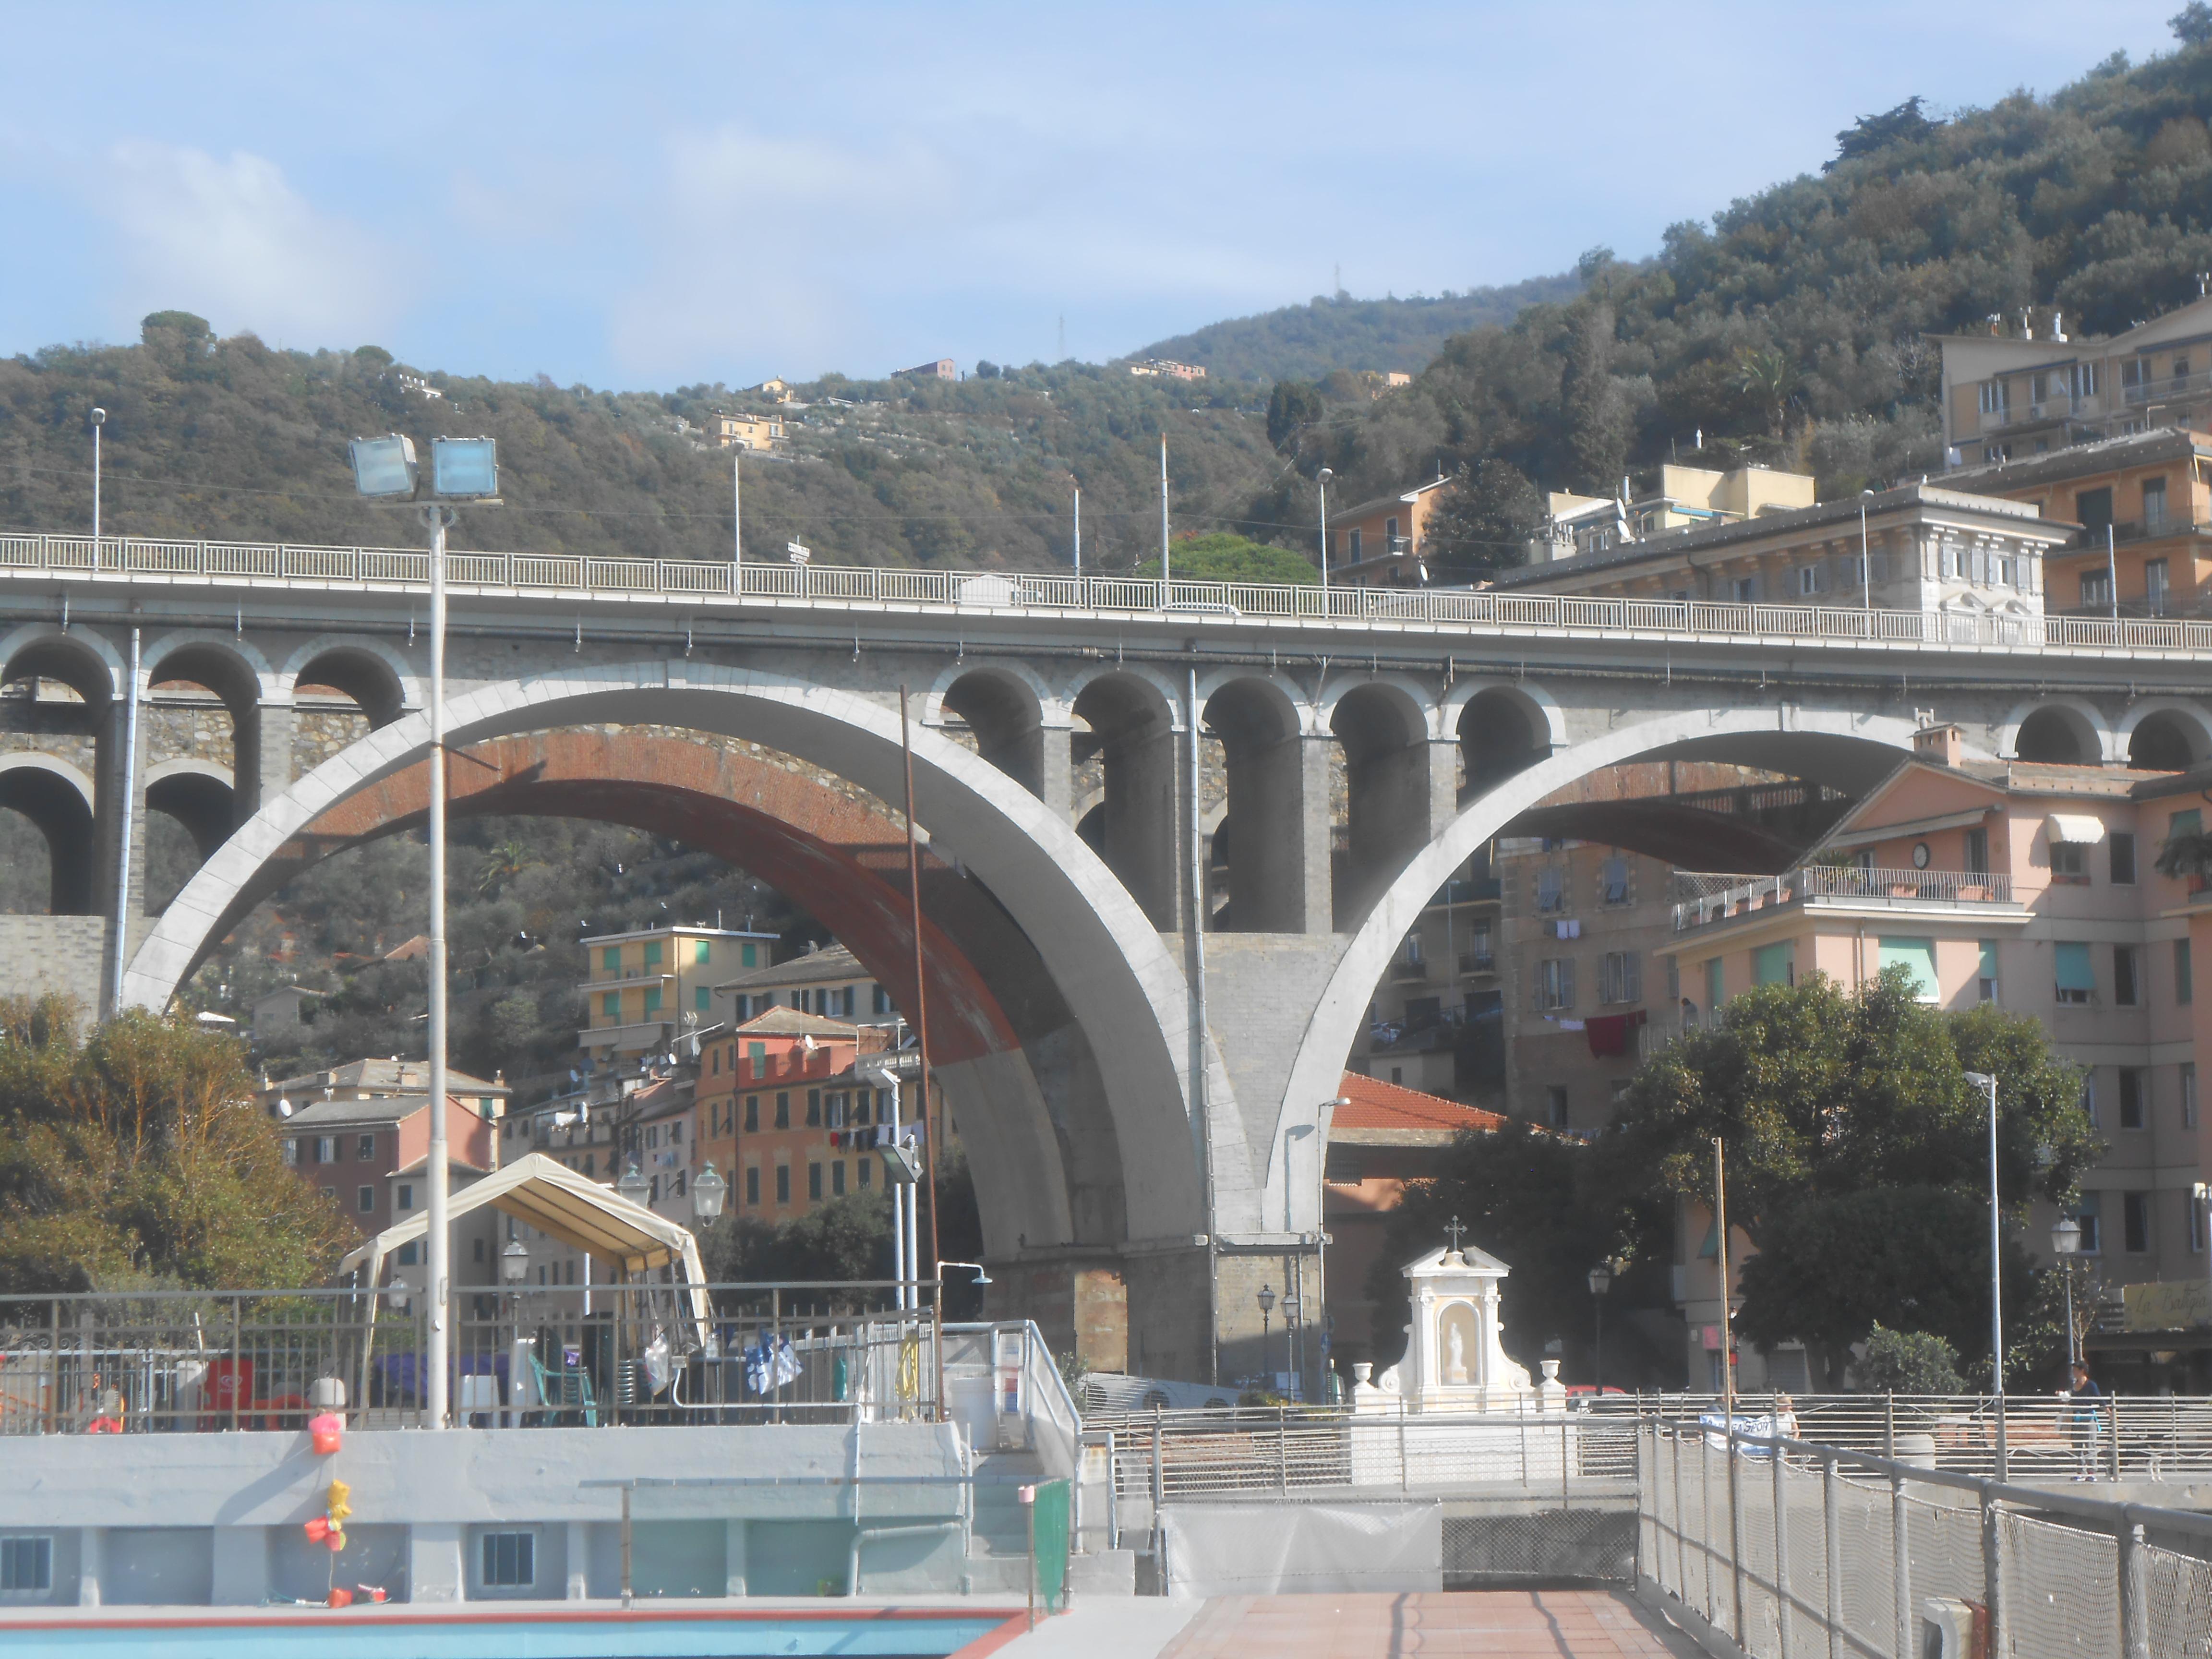 Sori: Aurelia, senso alternato (e code) sul ponte fino a luglio